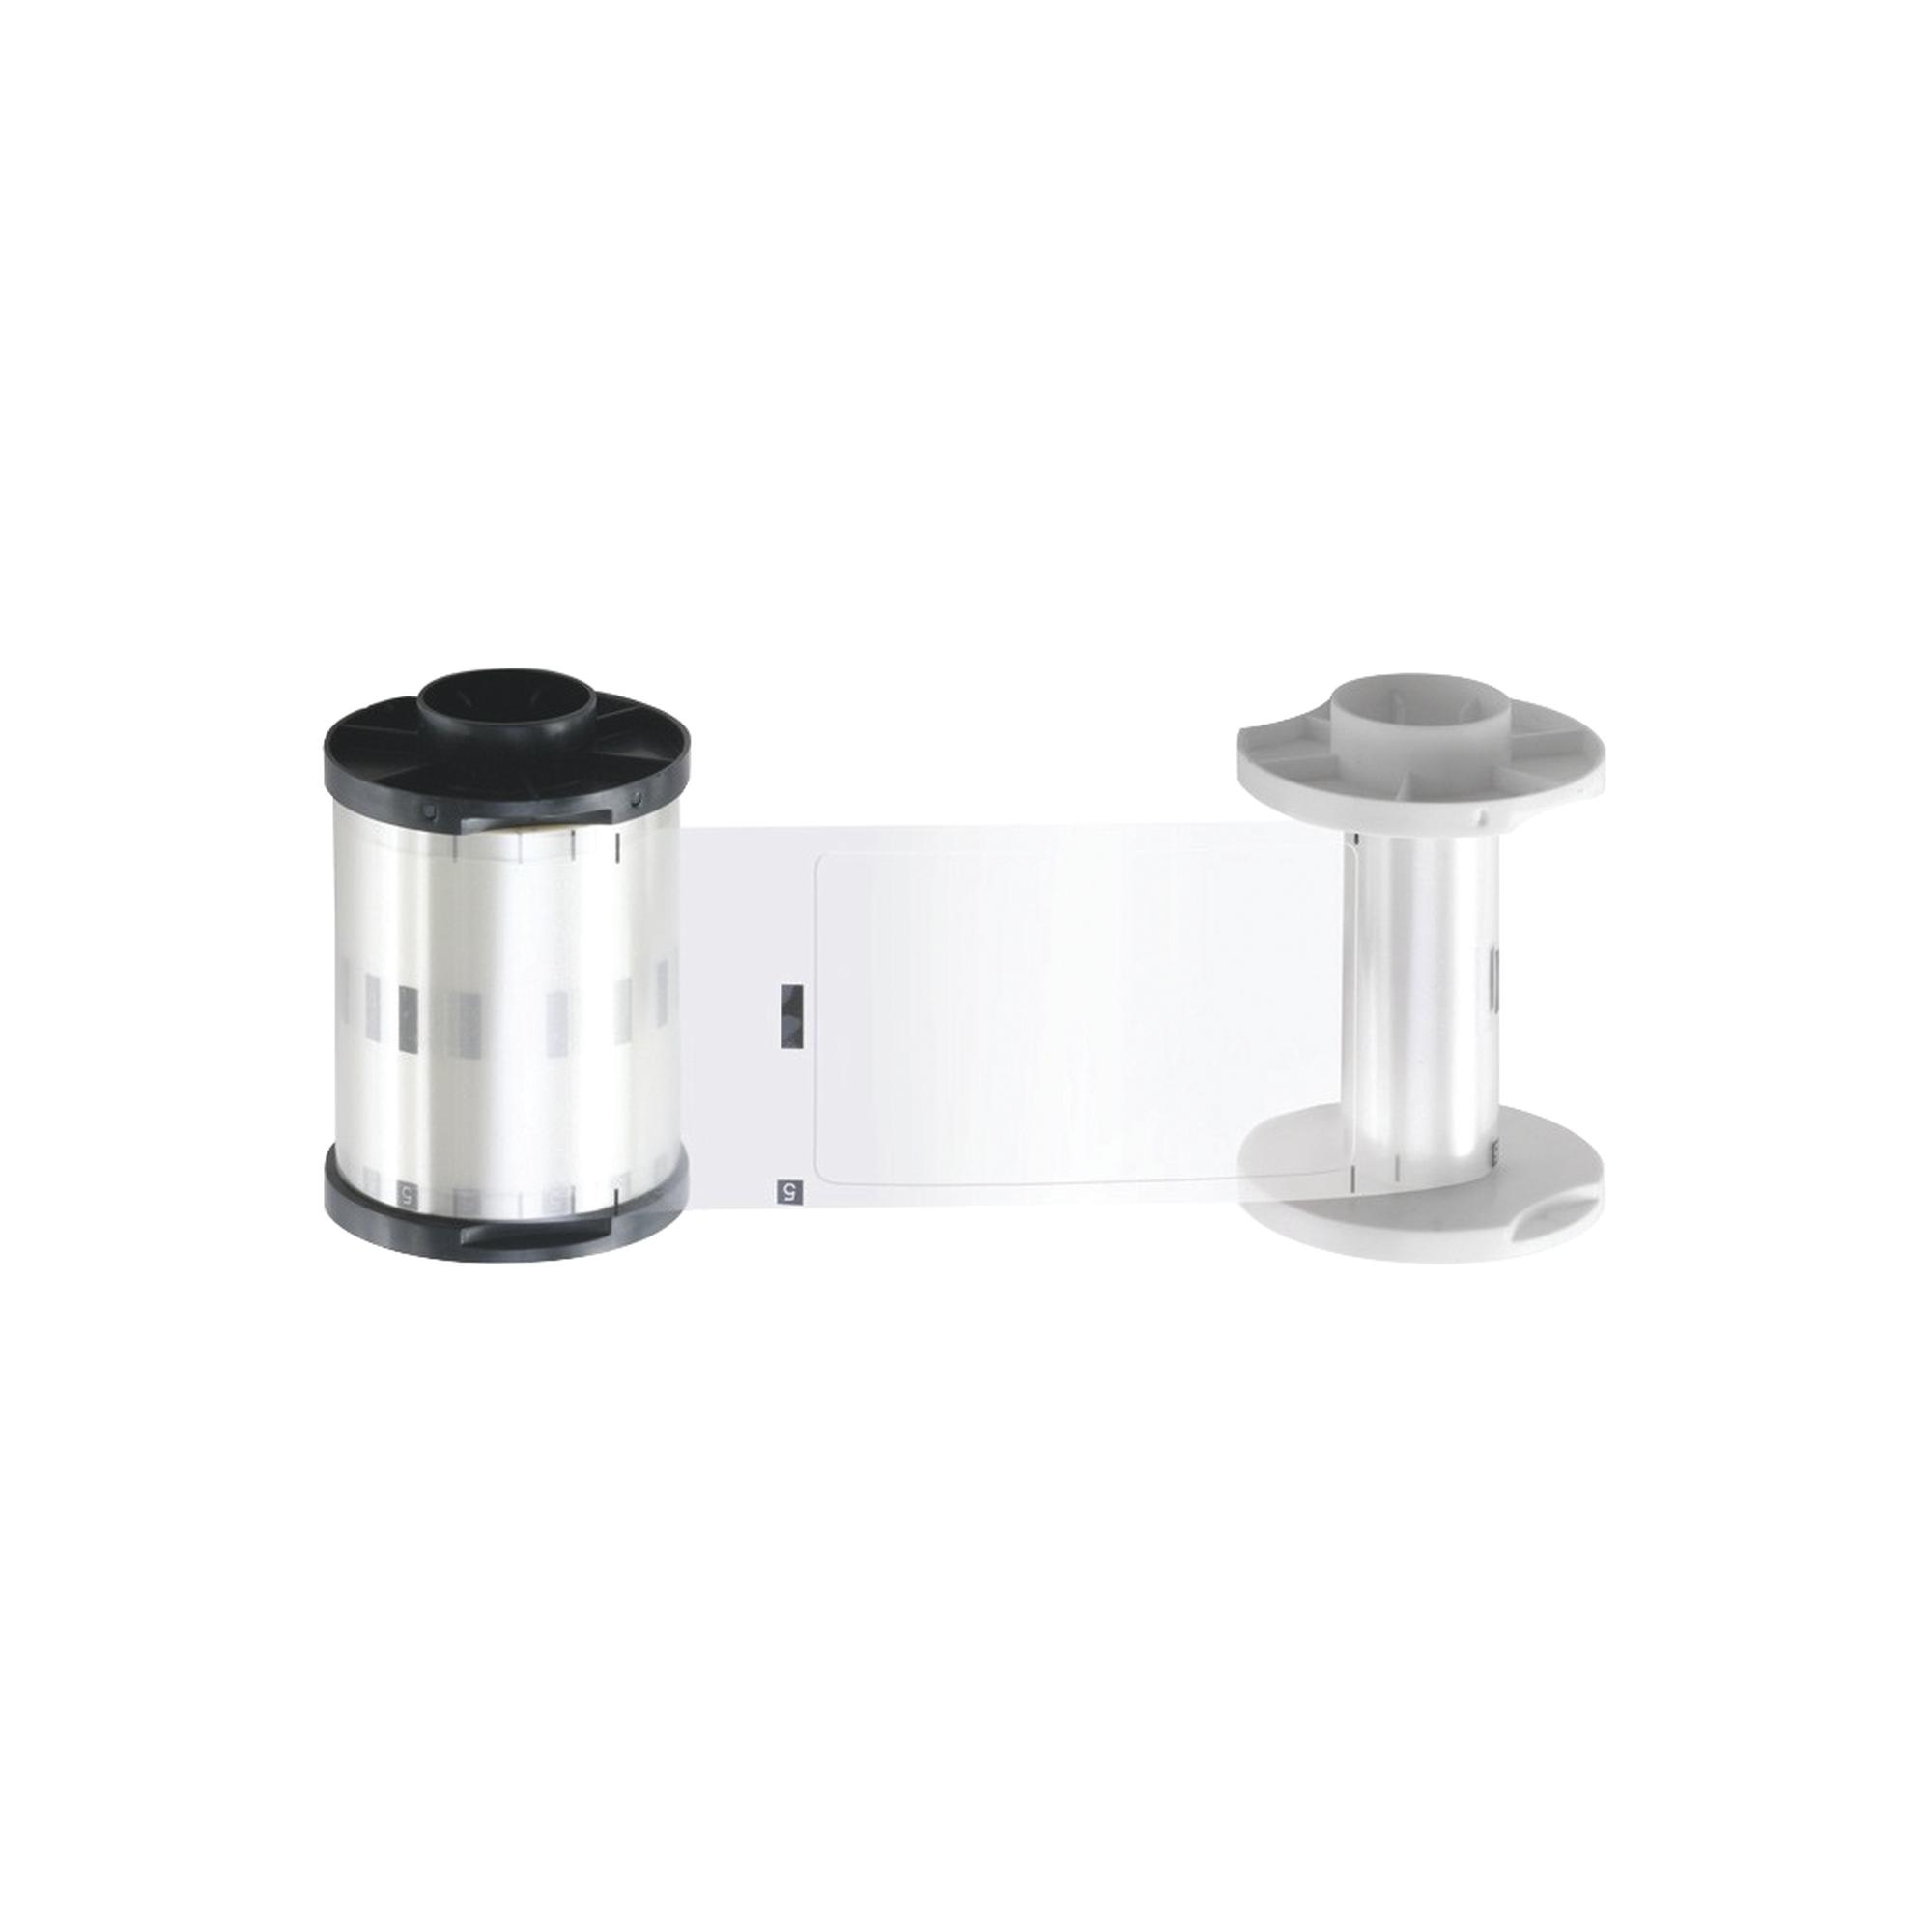 Cinta de laminación TRANSPARENTE 1.0 mil para HDP5000 con laminación / Capacidad de 250 laminados por un solo lado.